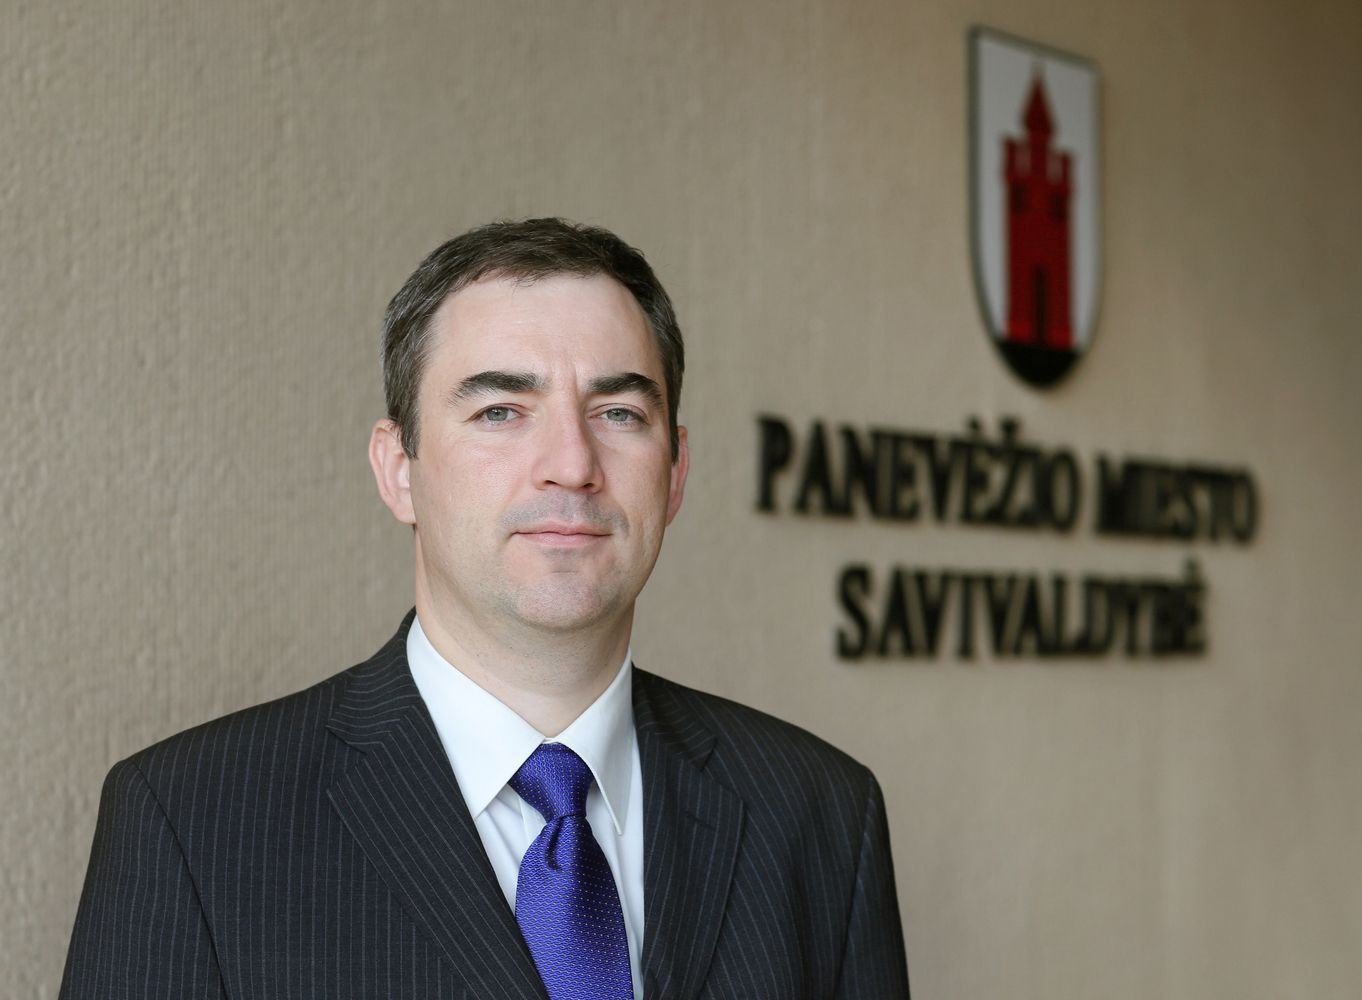 Dar sykį apie Panevėžio savivaldybės įmonių valdymą